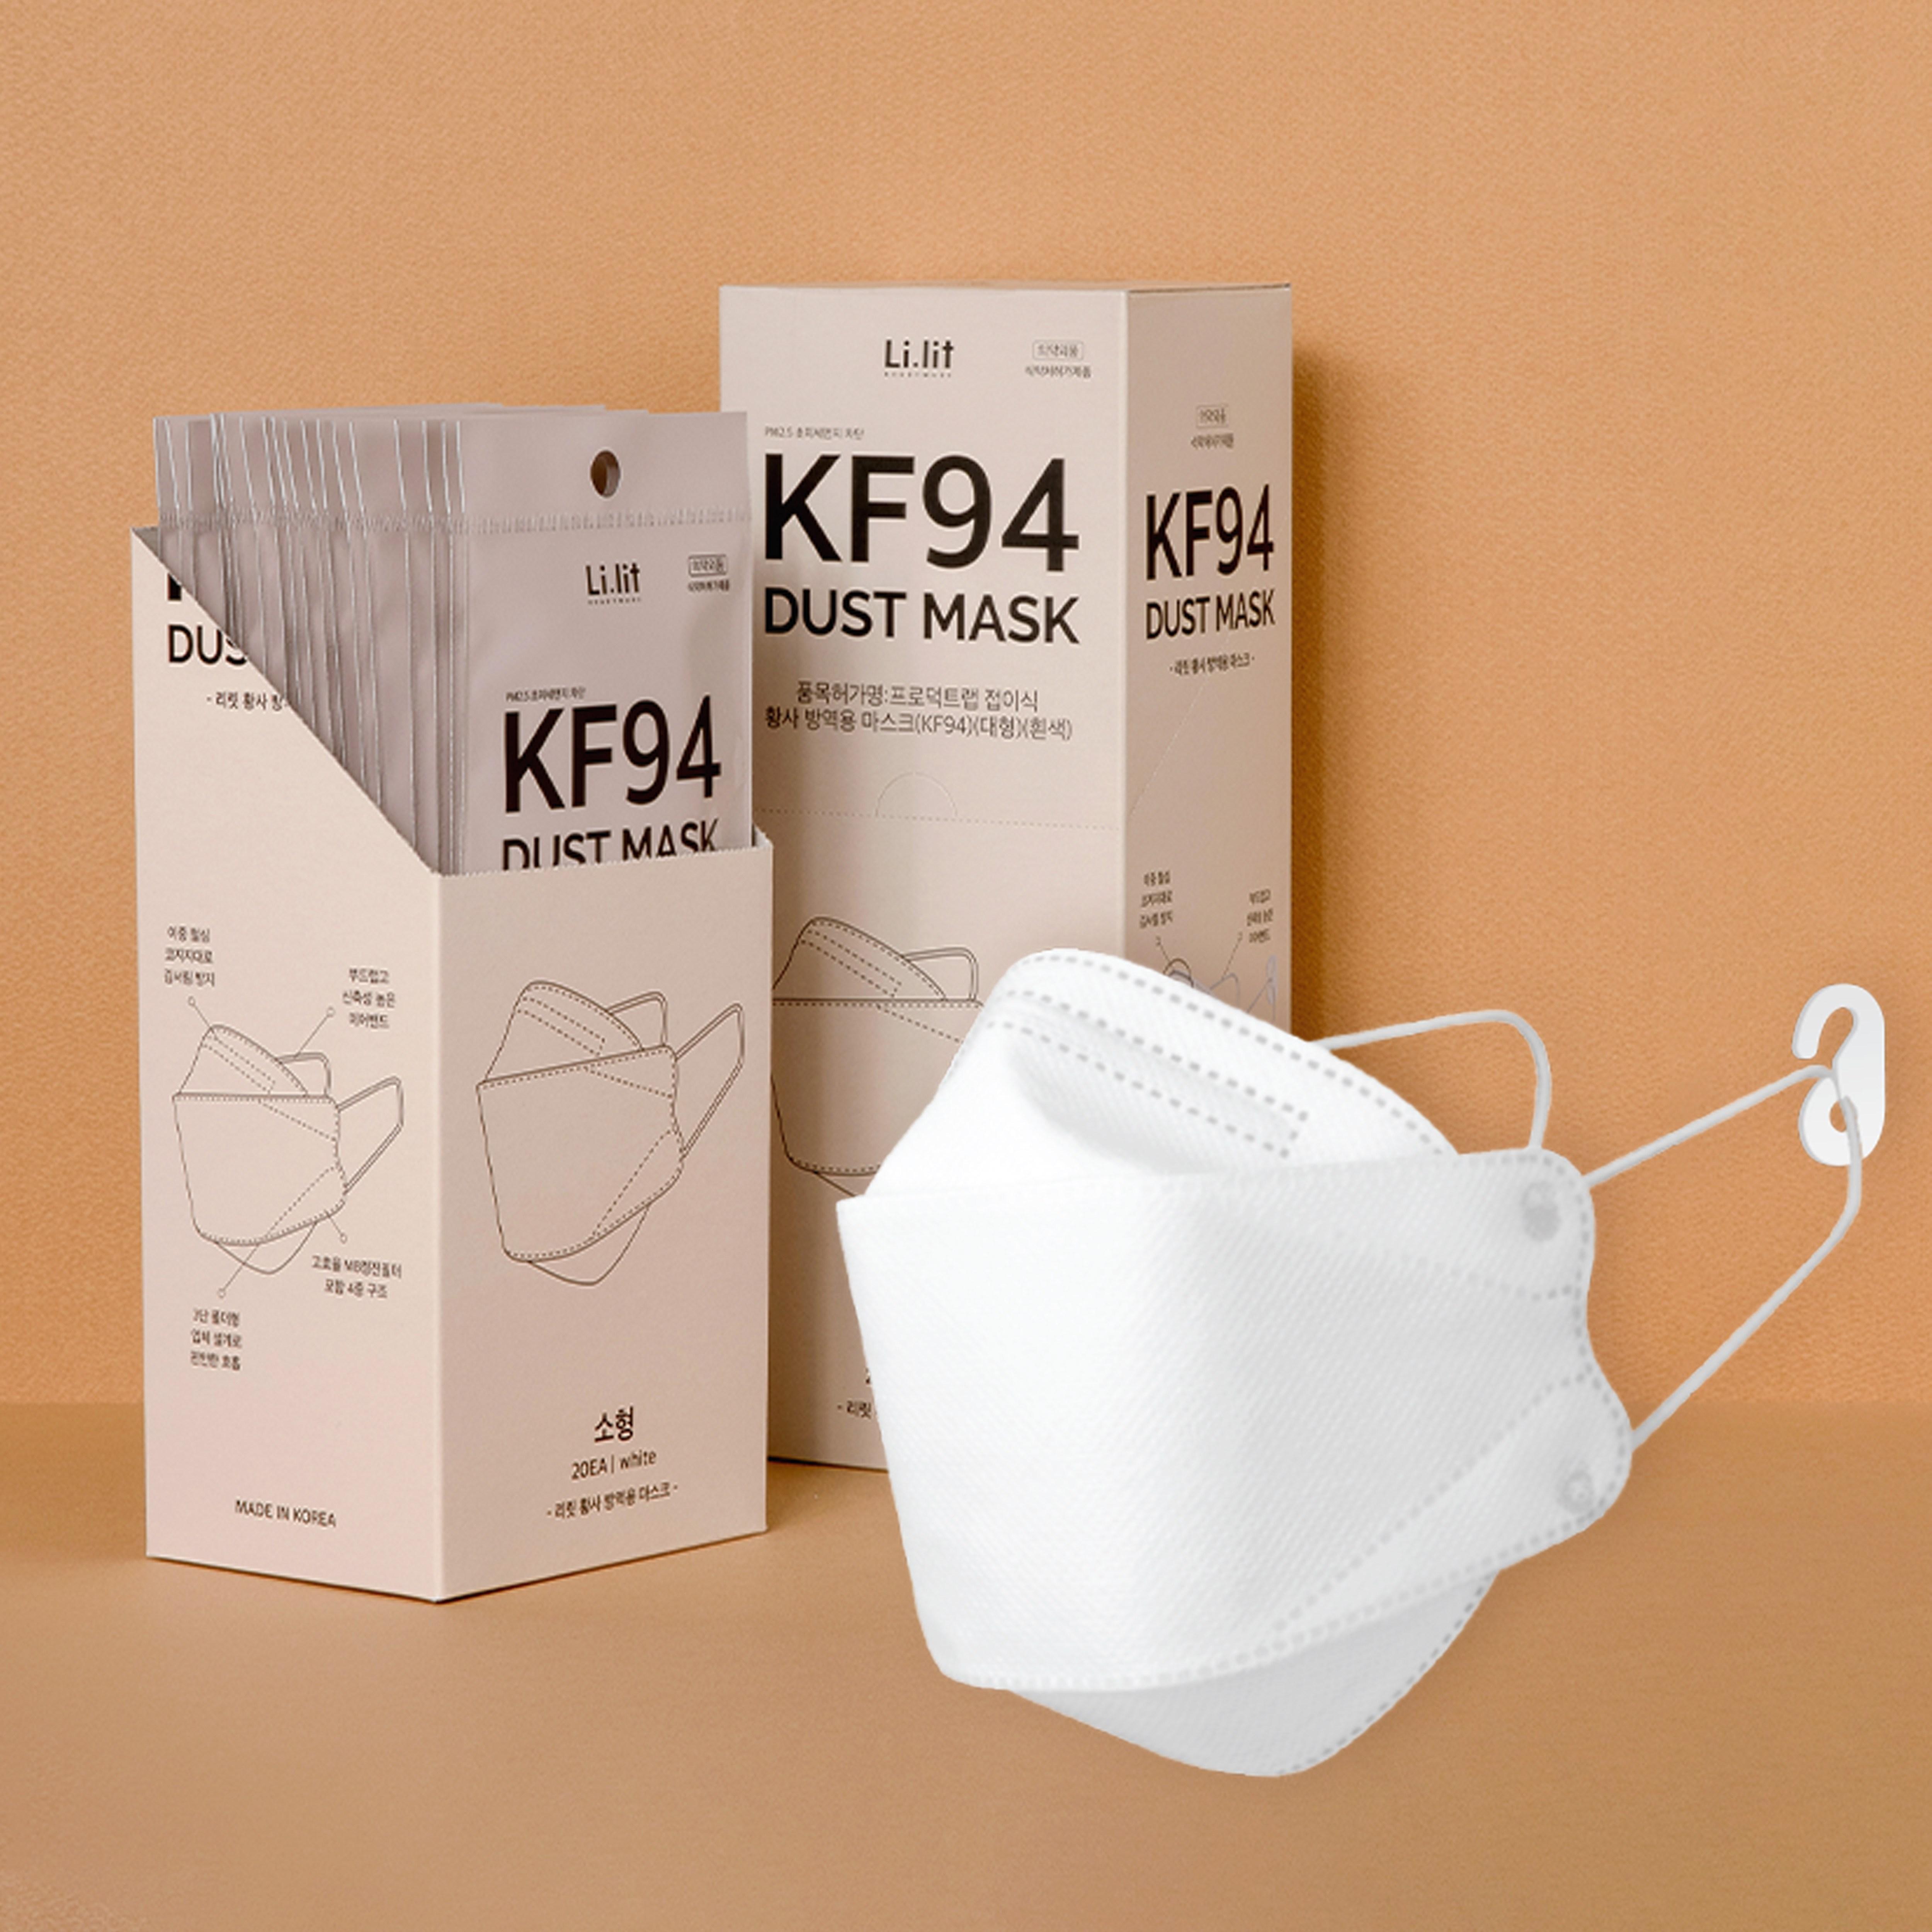 [리릿] 황사 방역용 KF94 마스크 20매/40매/100매 대형 식약처 인증, KF94 20매